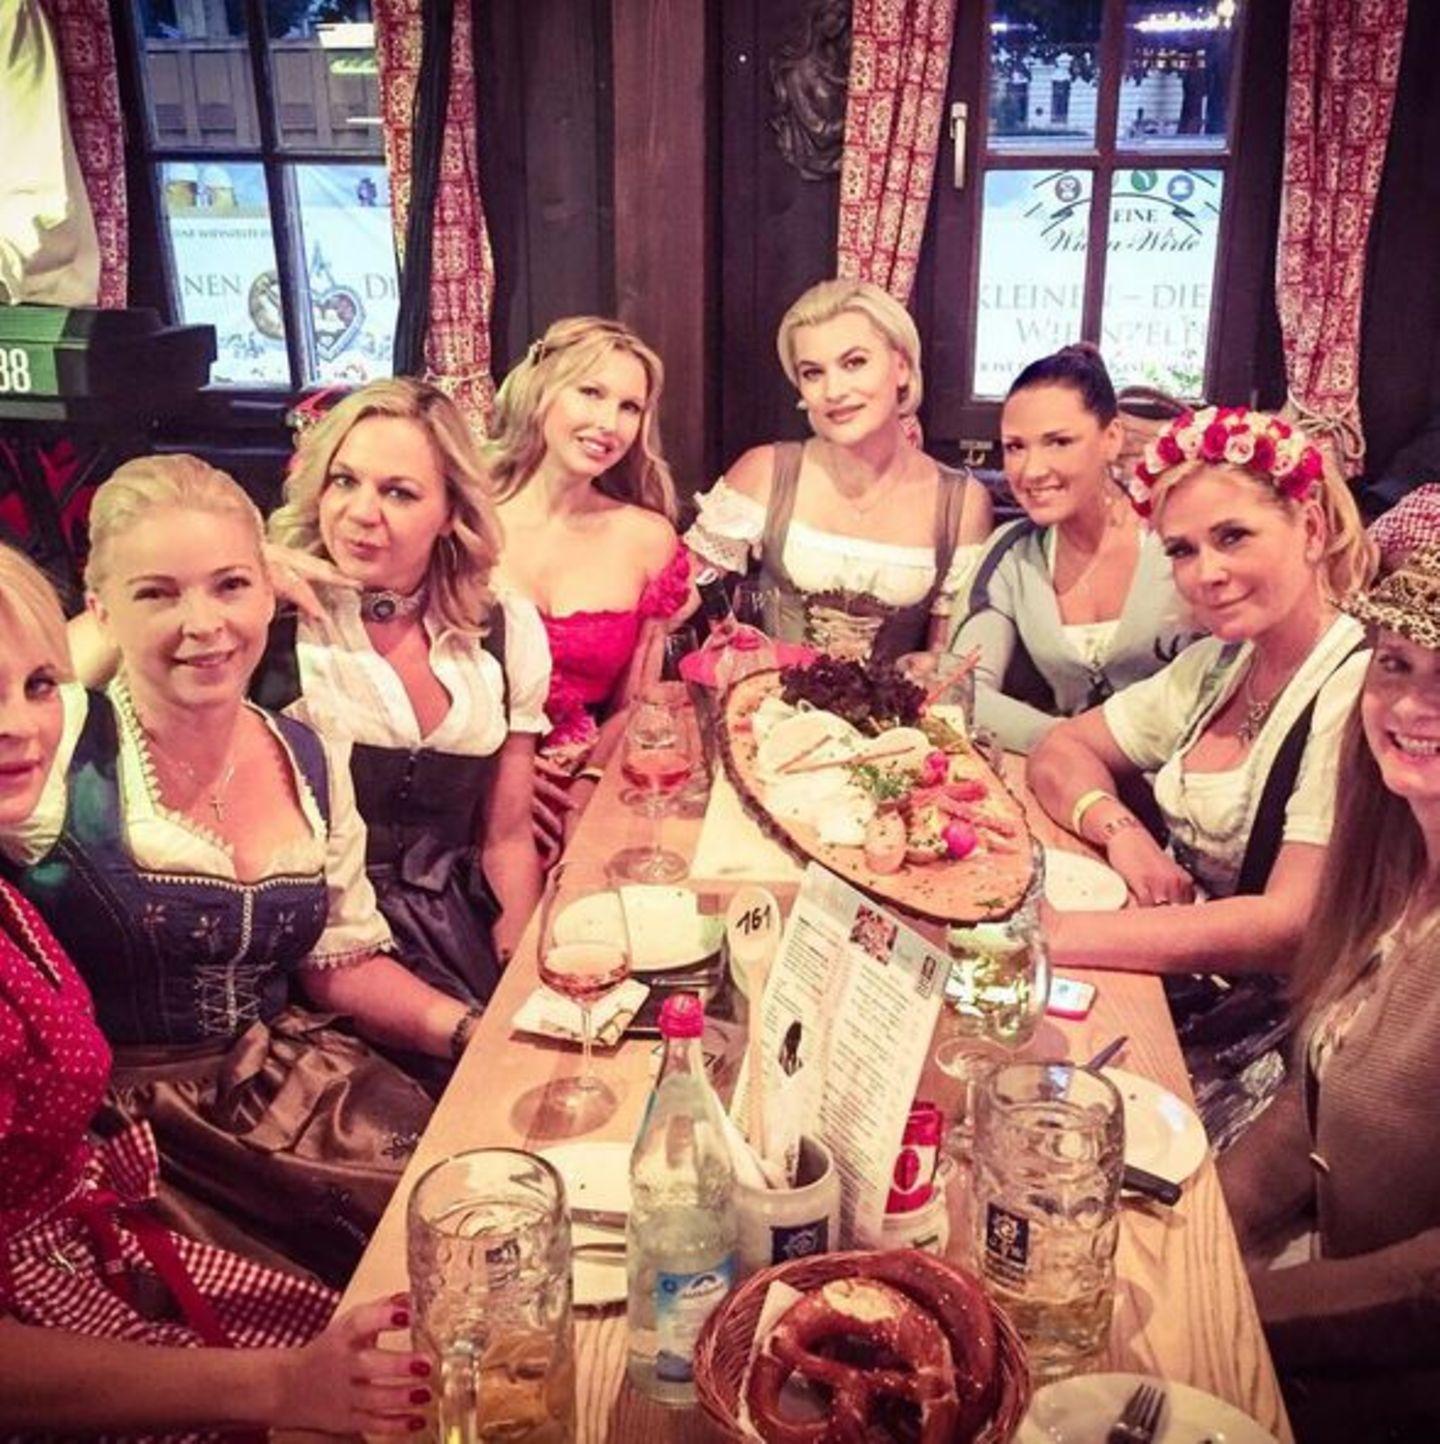 Ladies' Night auf dem Oktoberfest! Simone Ballack postet dieses Bild auf ihrem Instagramprofil.